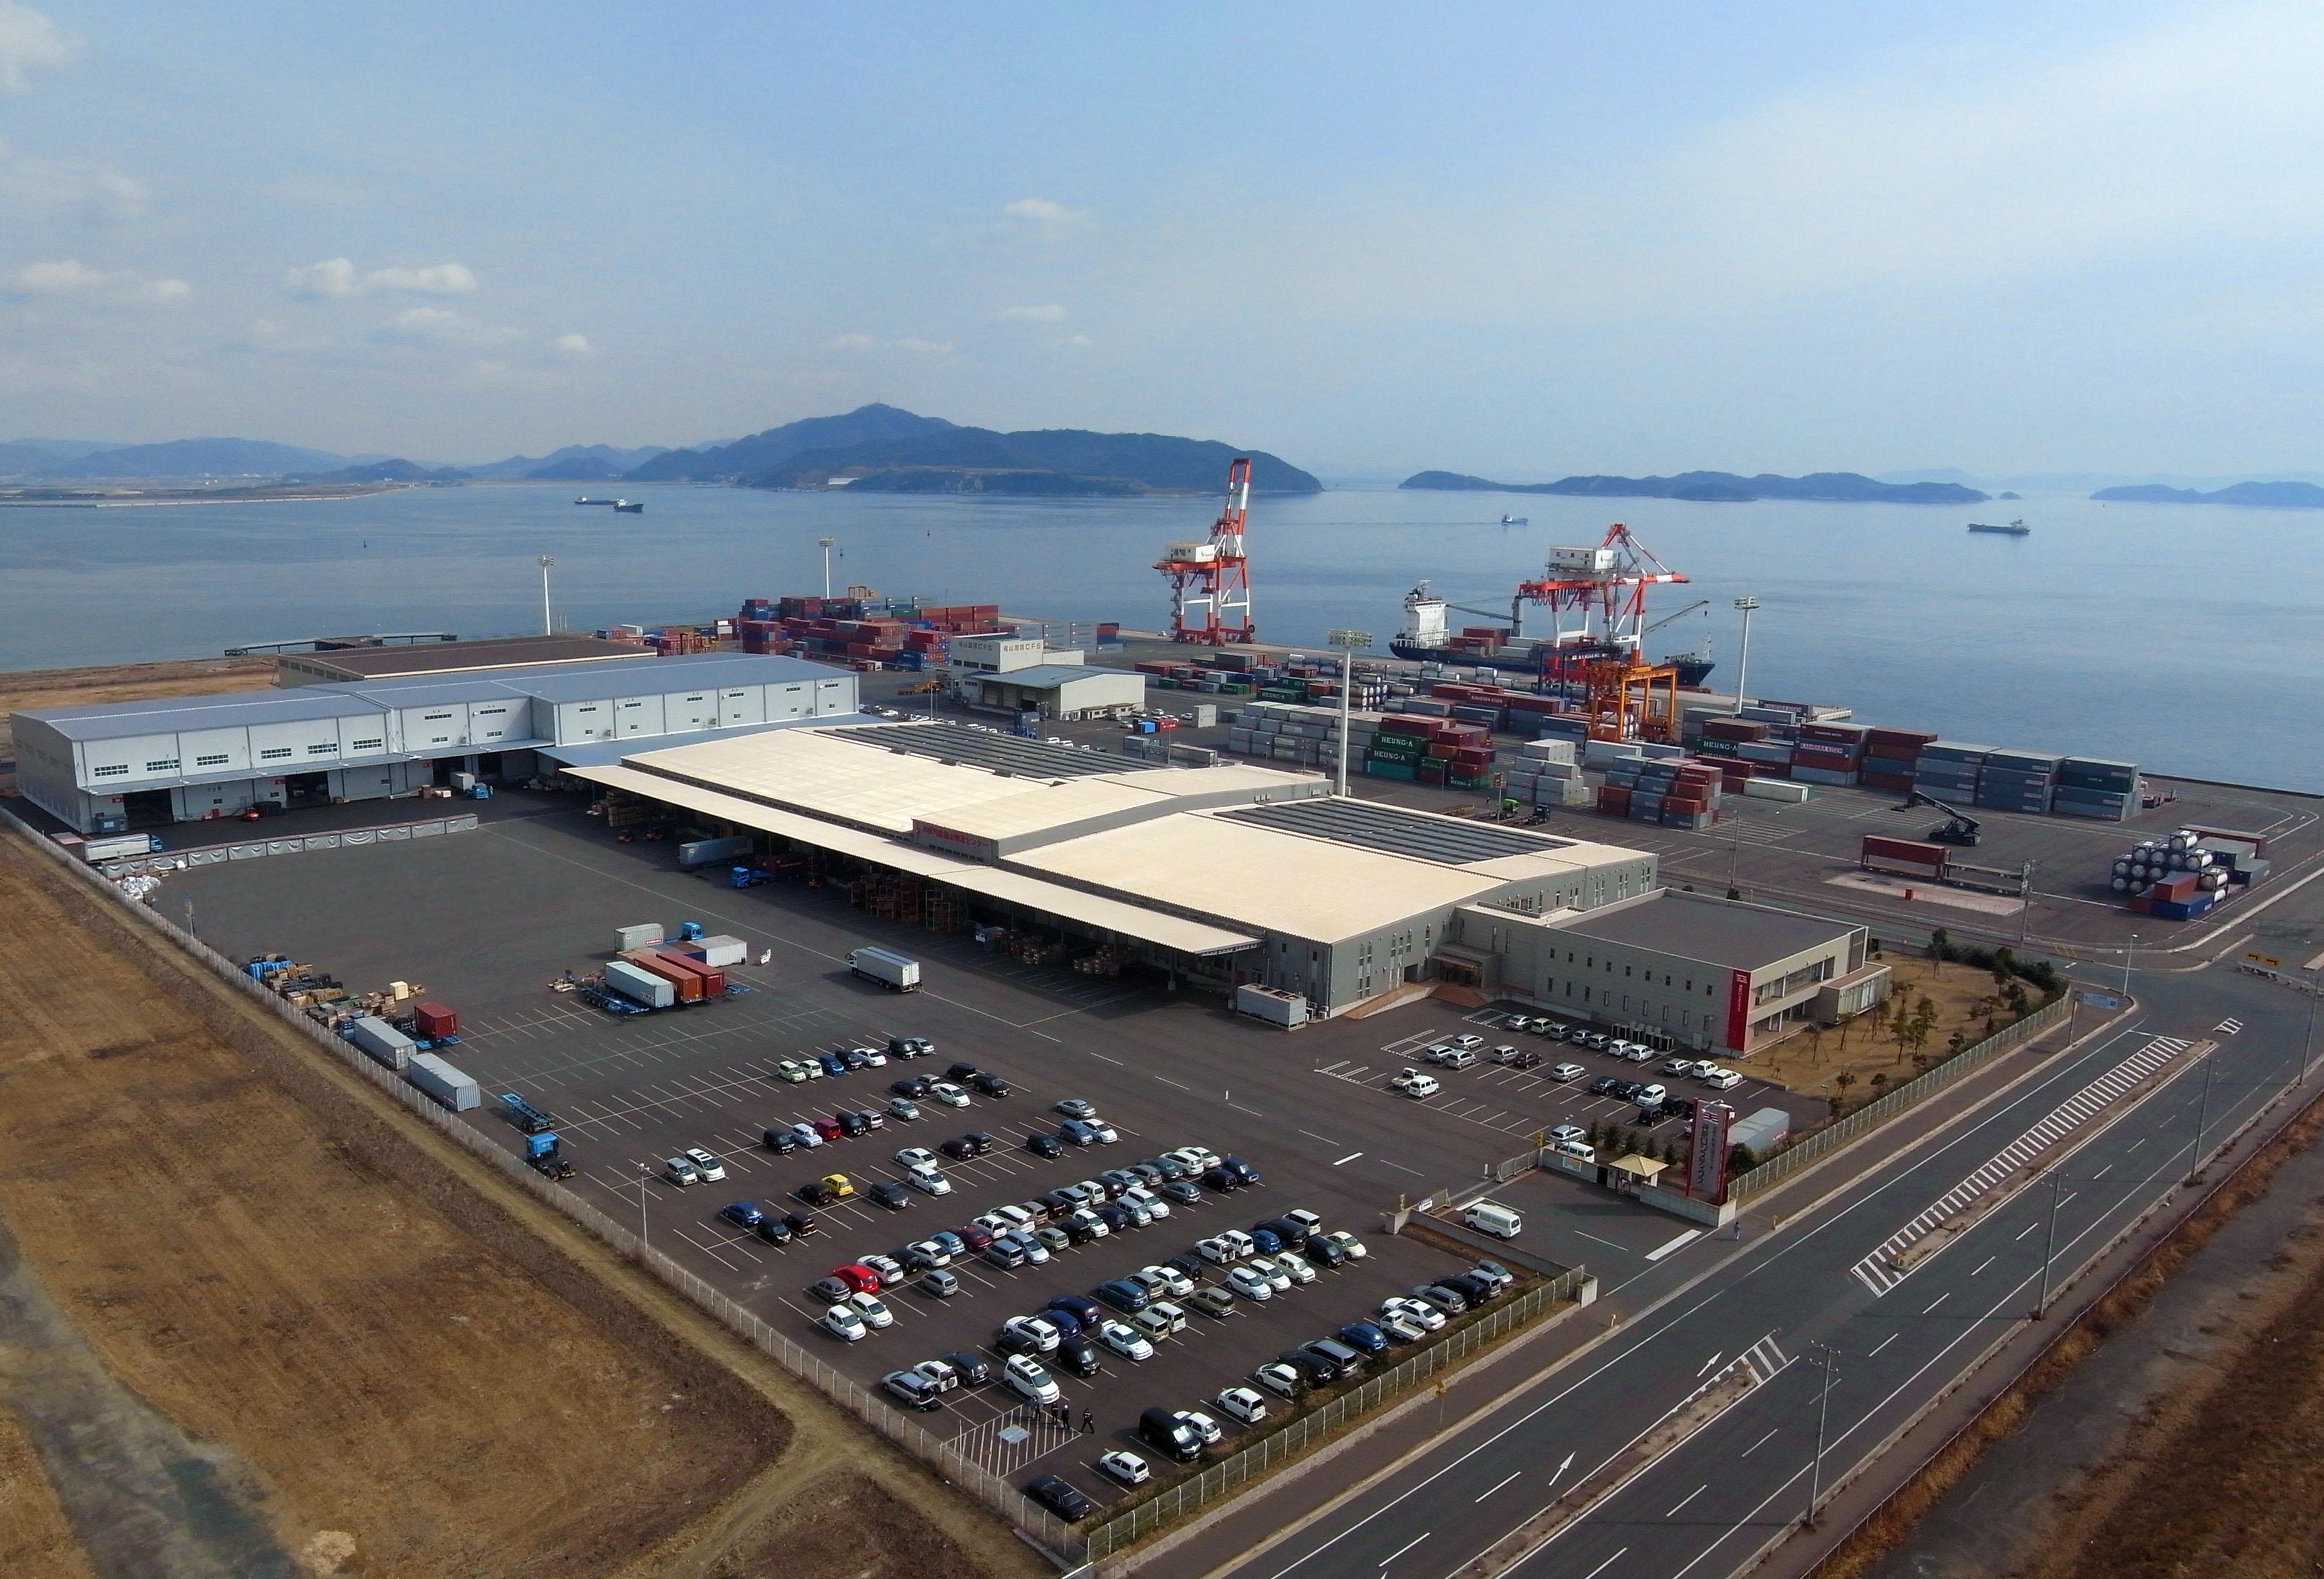 中国・東南アジアと日本国内を結ぶ国際輸送、総合物流サービス業を展開